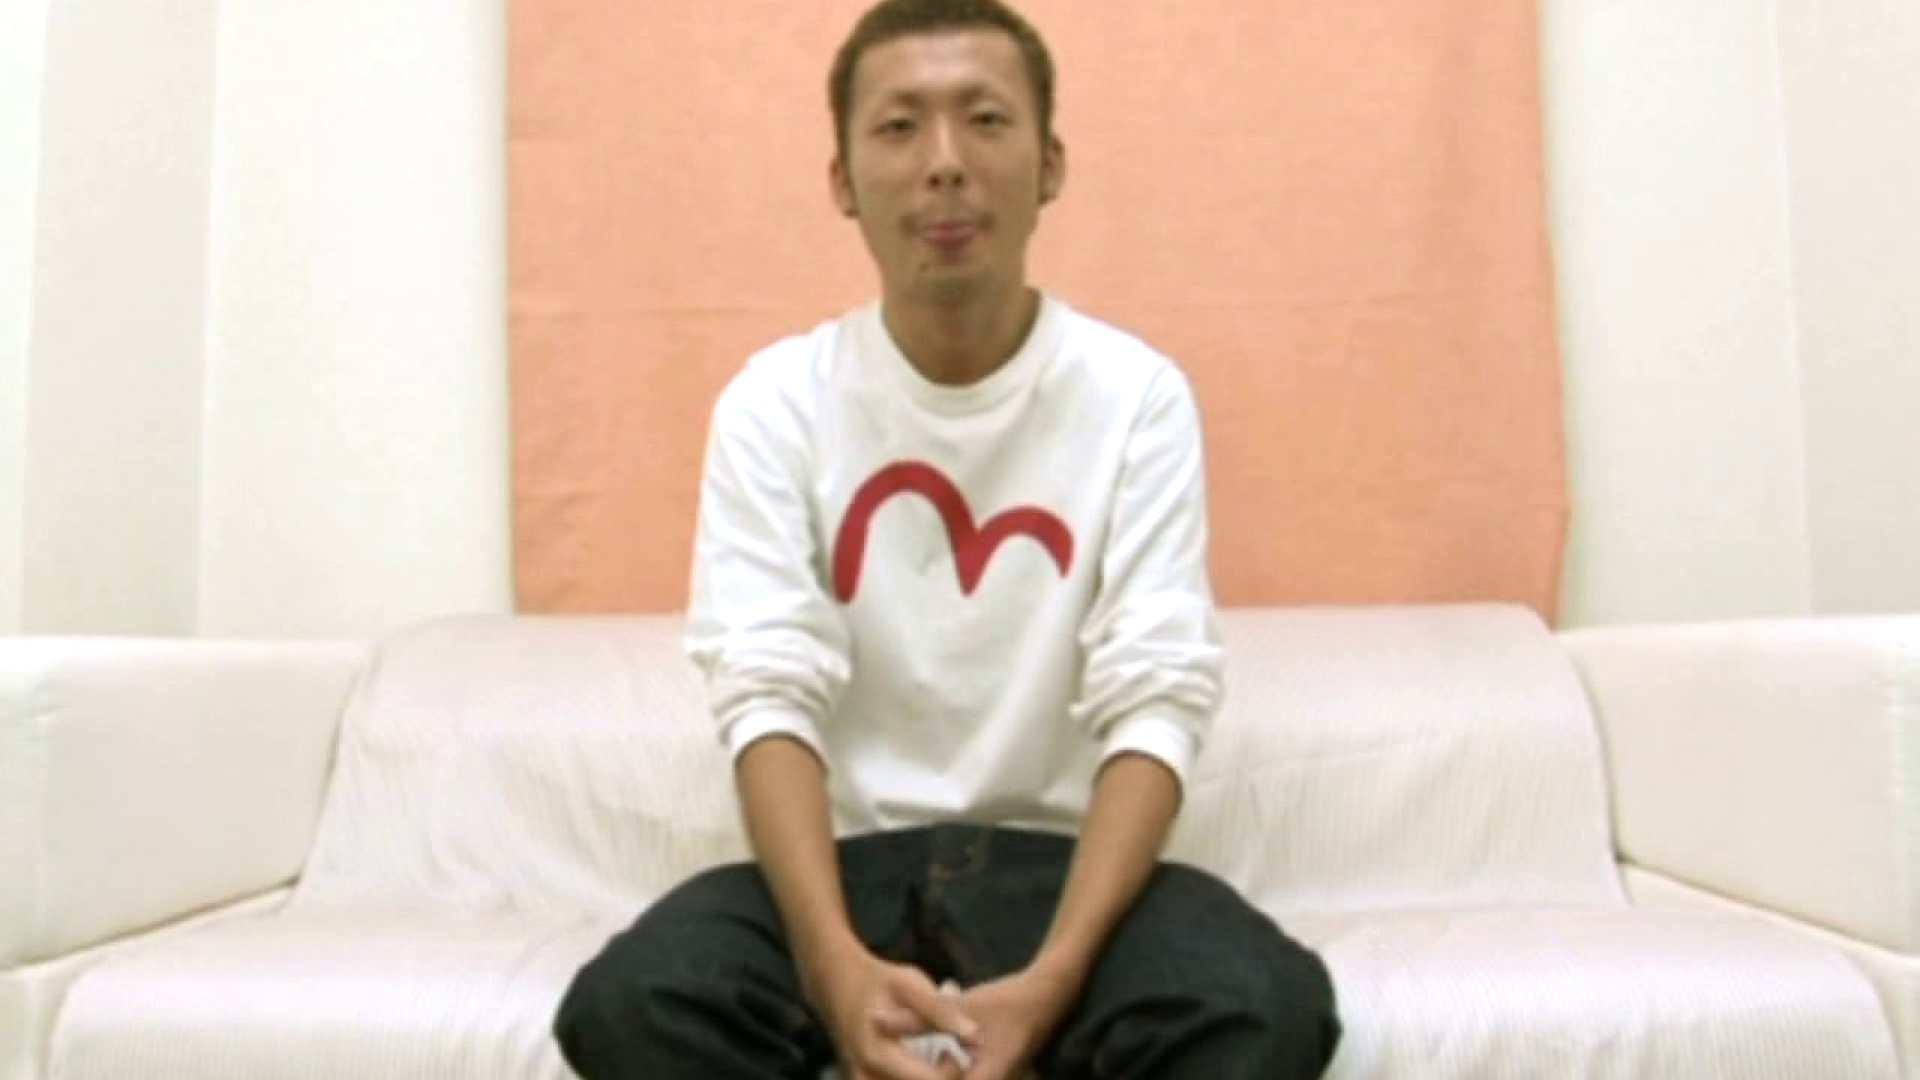 ノンケ!自慰スタジオ No.11 オナニー アダルトビデオ画像キャプチャ 88枚 42